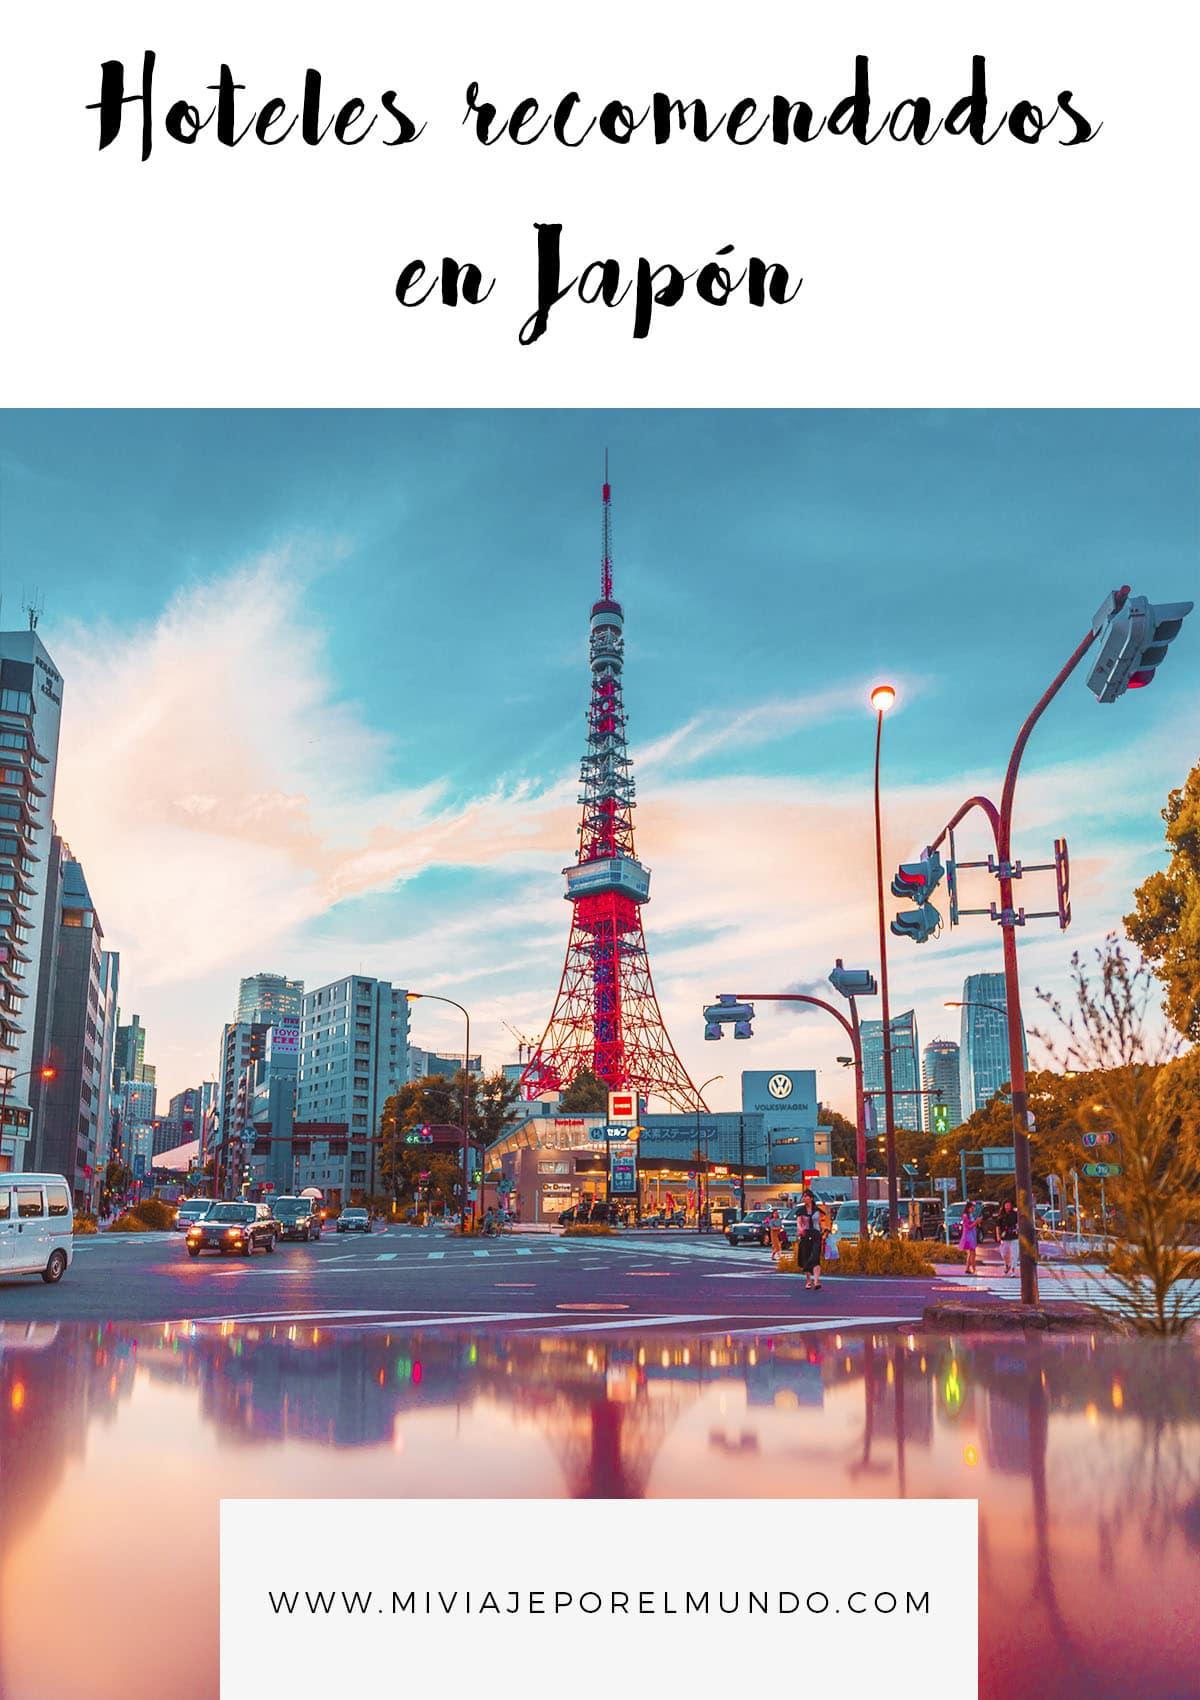 hoteles recomendados en japon